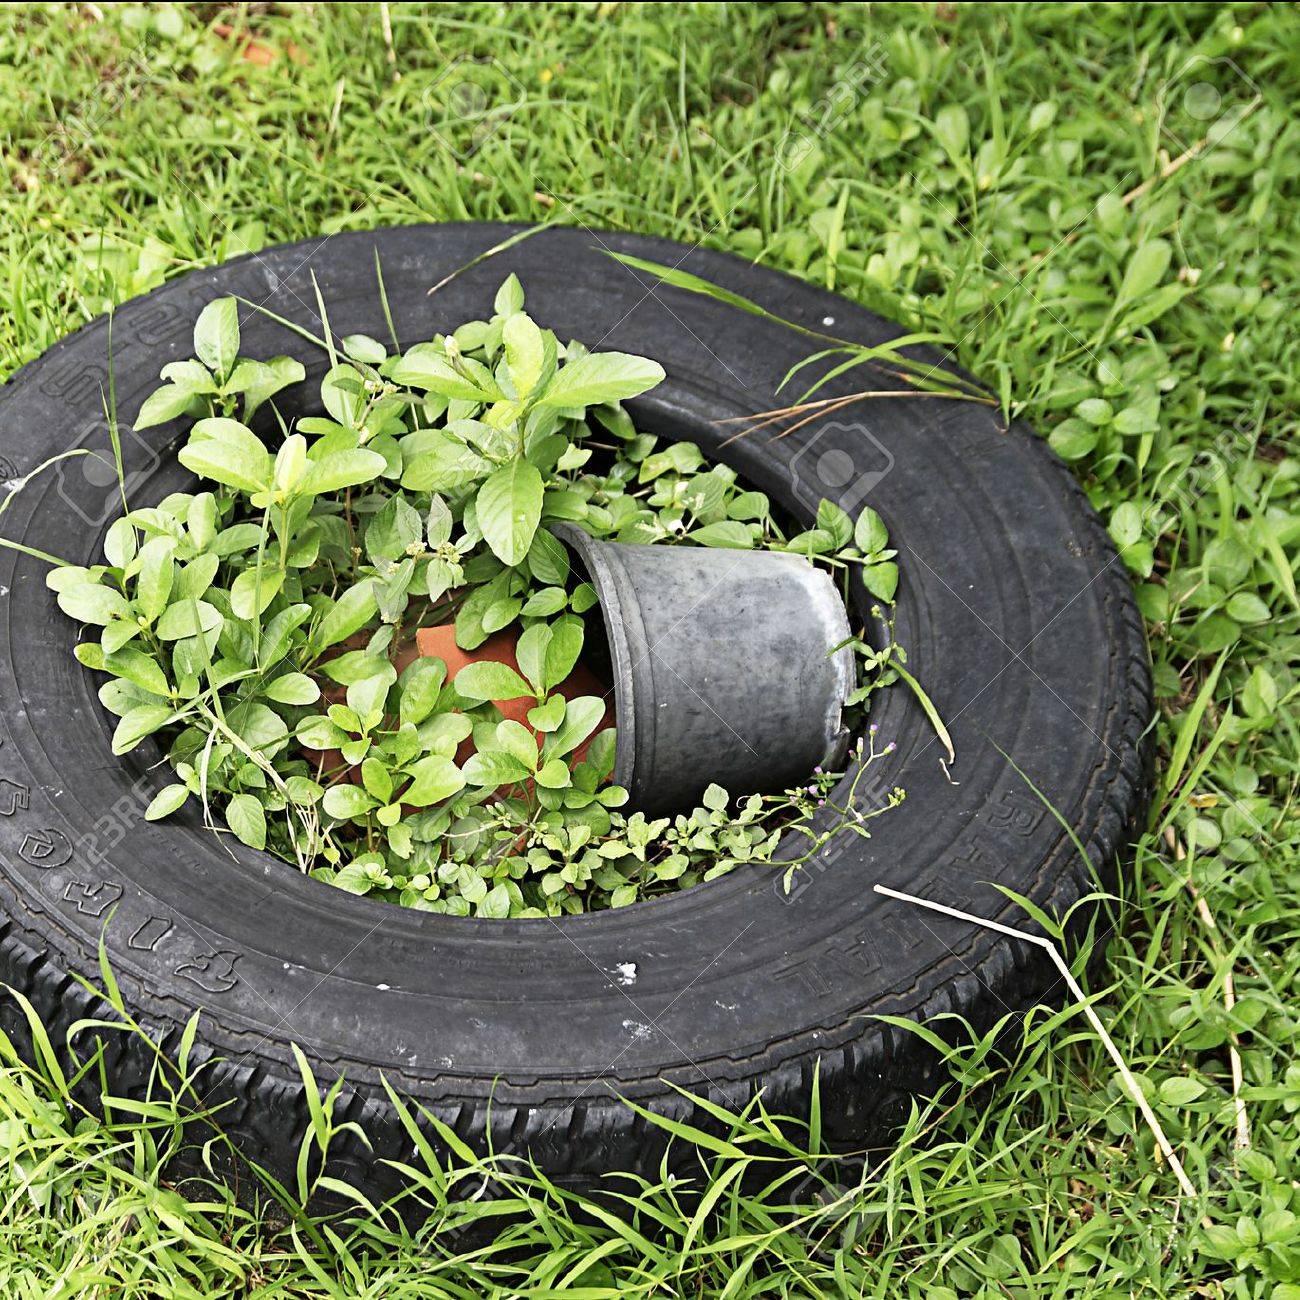 Pot De Fleur Avec Des Pneus vieux pneus dans le jardin avec fleurs cass�s � c�t� de l'herbe verte